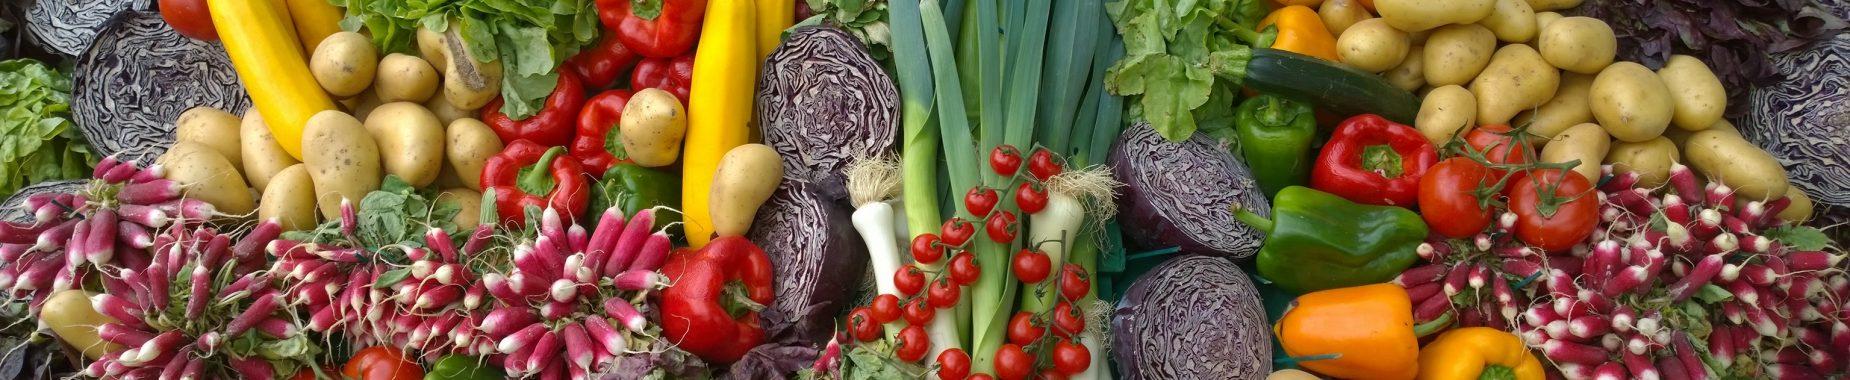 Forskellige grøntsager illustrerer anprisninger af grøntsager